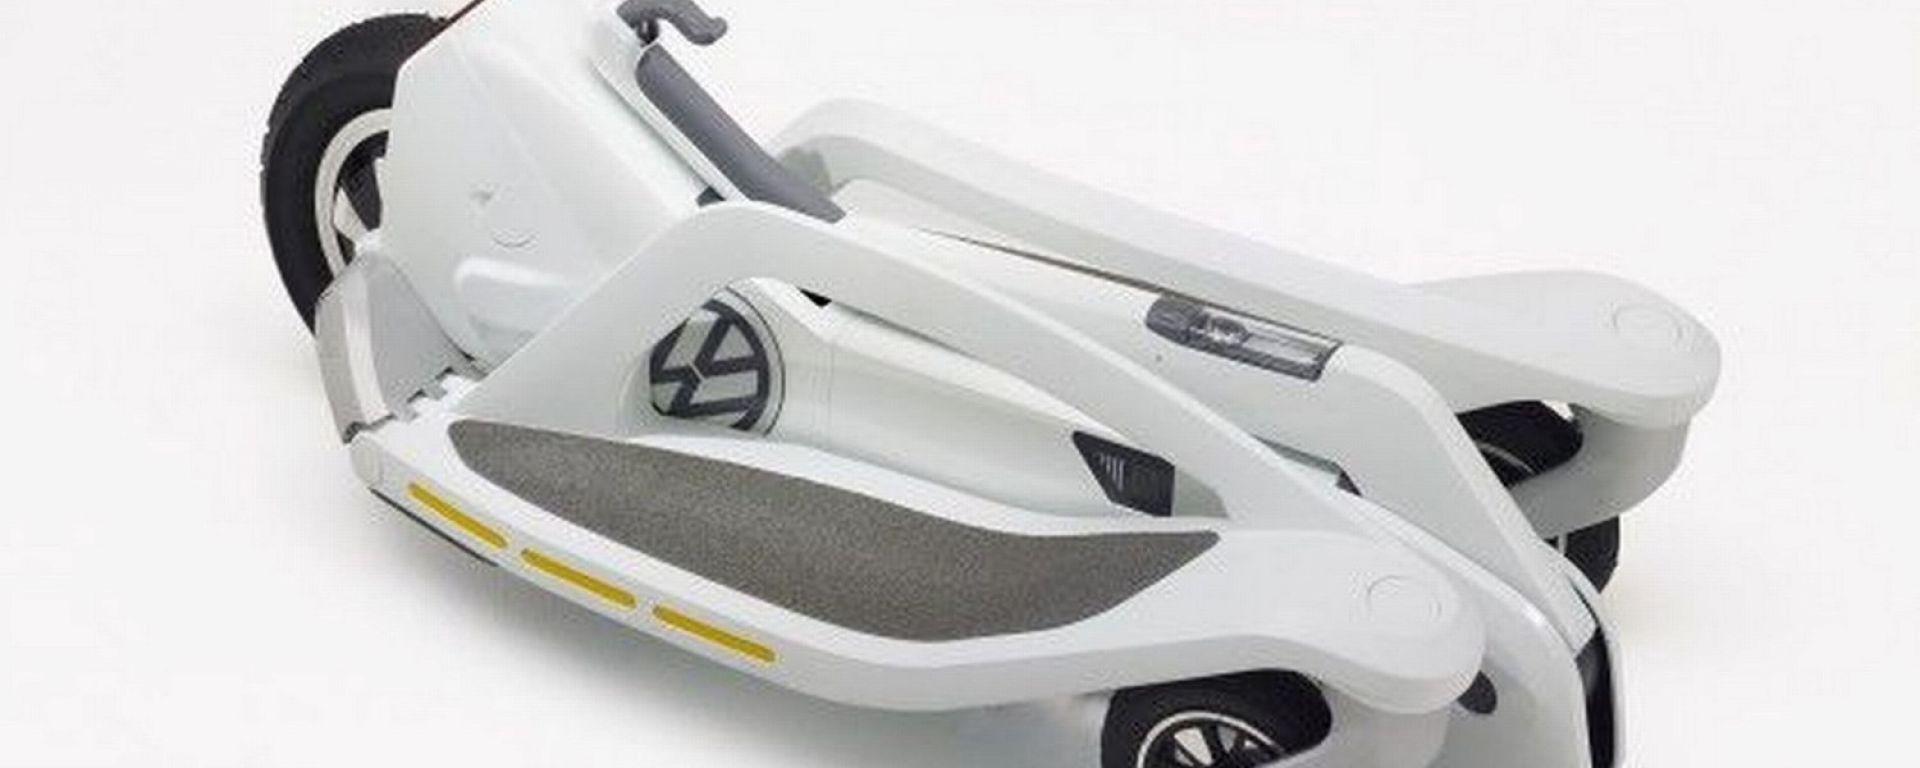 Volkswagen progetta un rivale di Segway